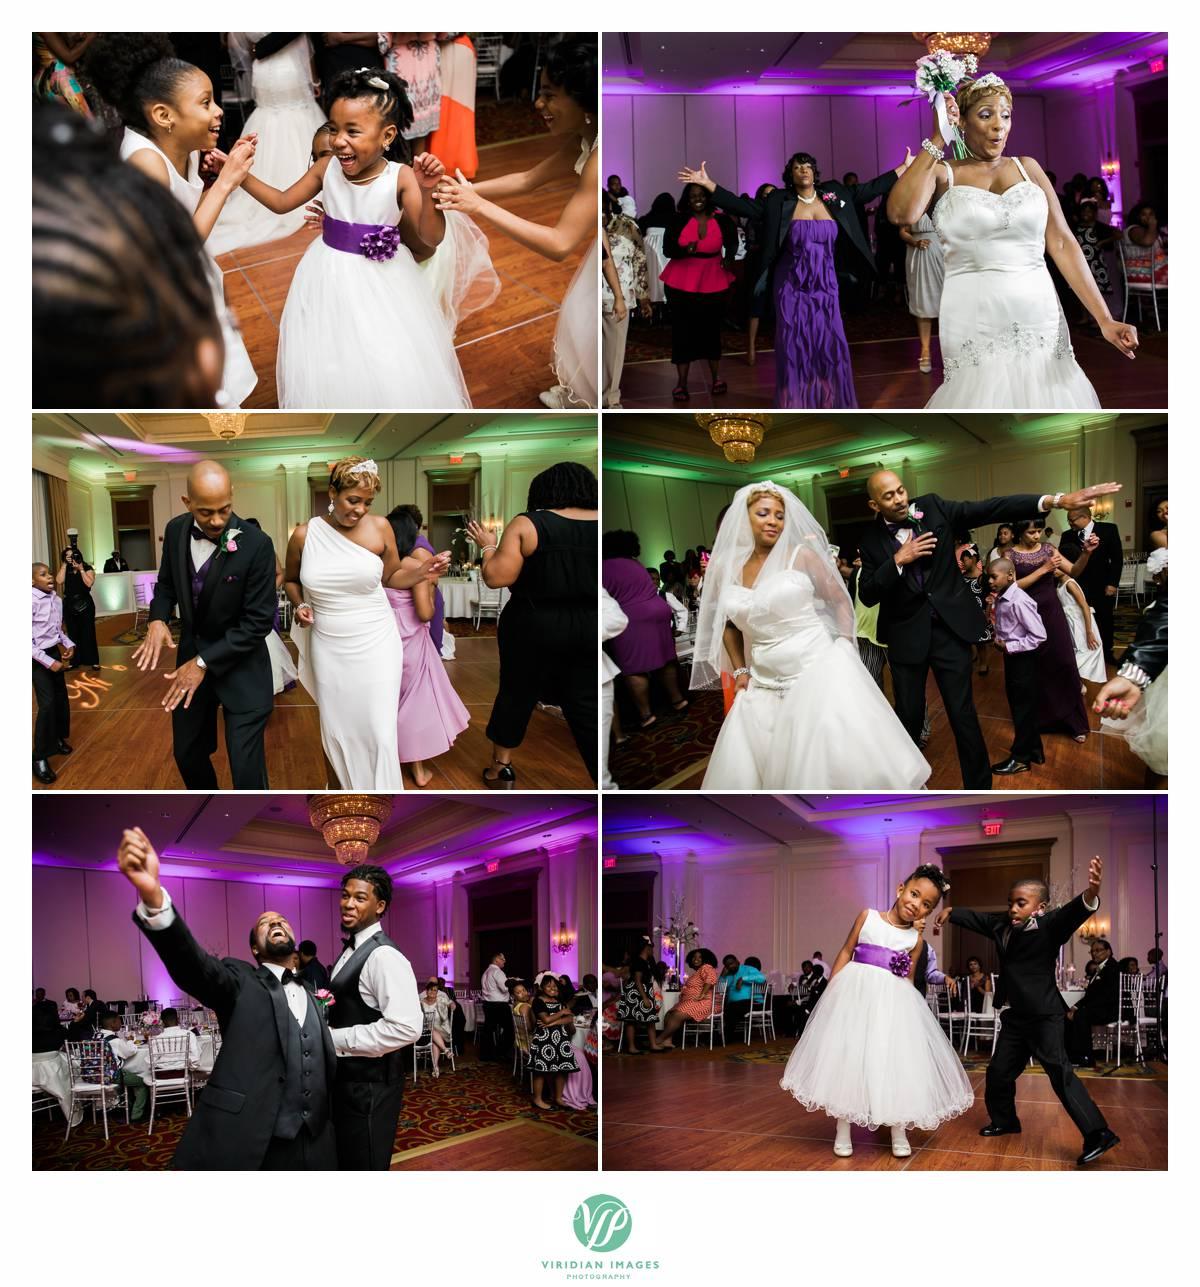 Douglasville-Wedding-John-Nicole-Viridian-Images-photo-26